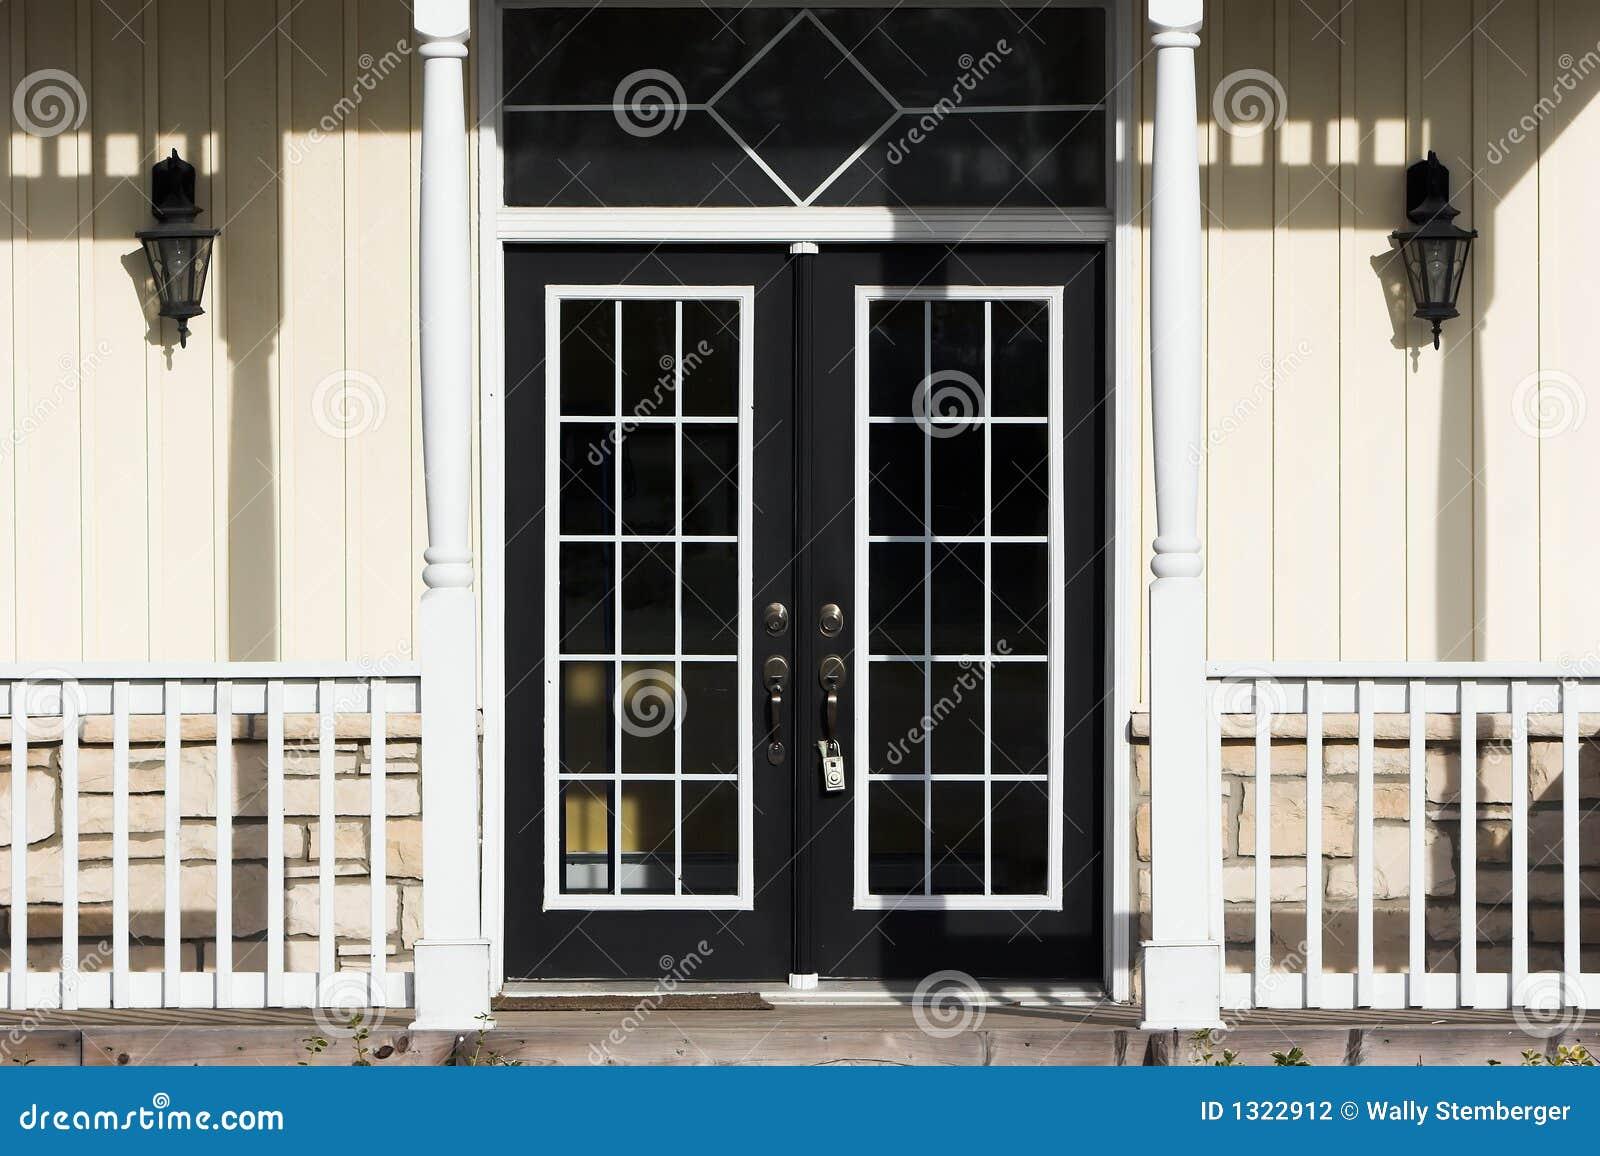 Puertas francesas fotograf a de archivo imagen 1322912 for Precio de puertas francesas